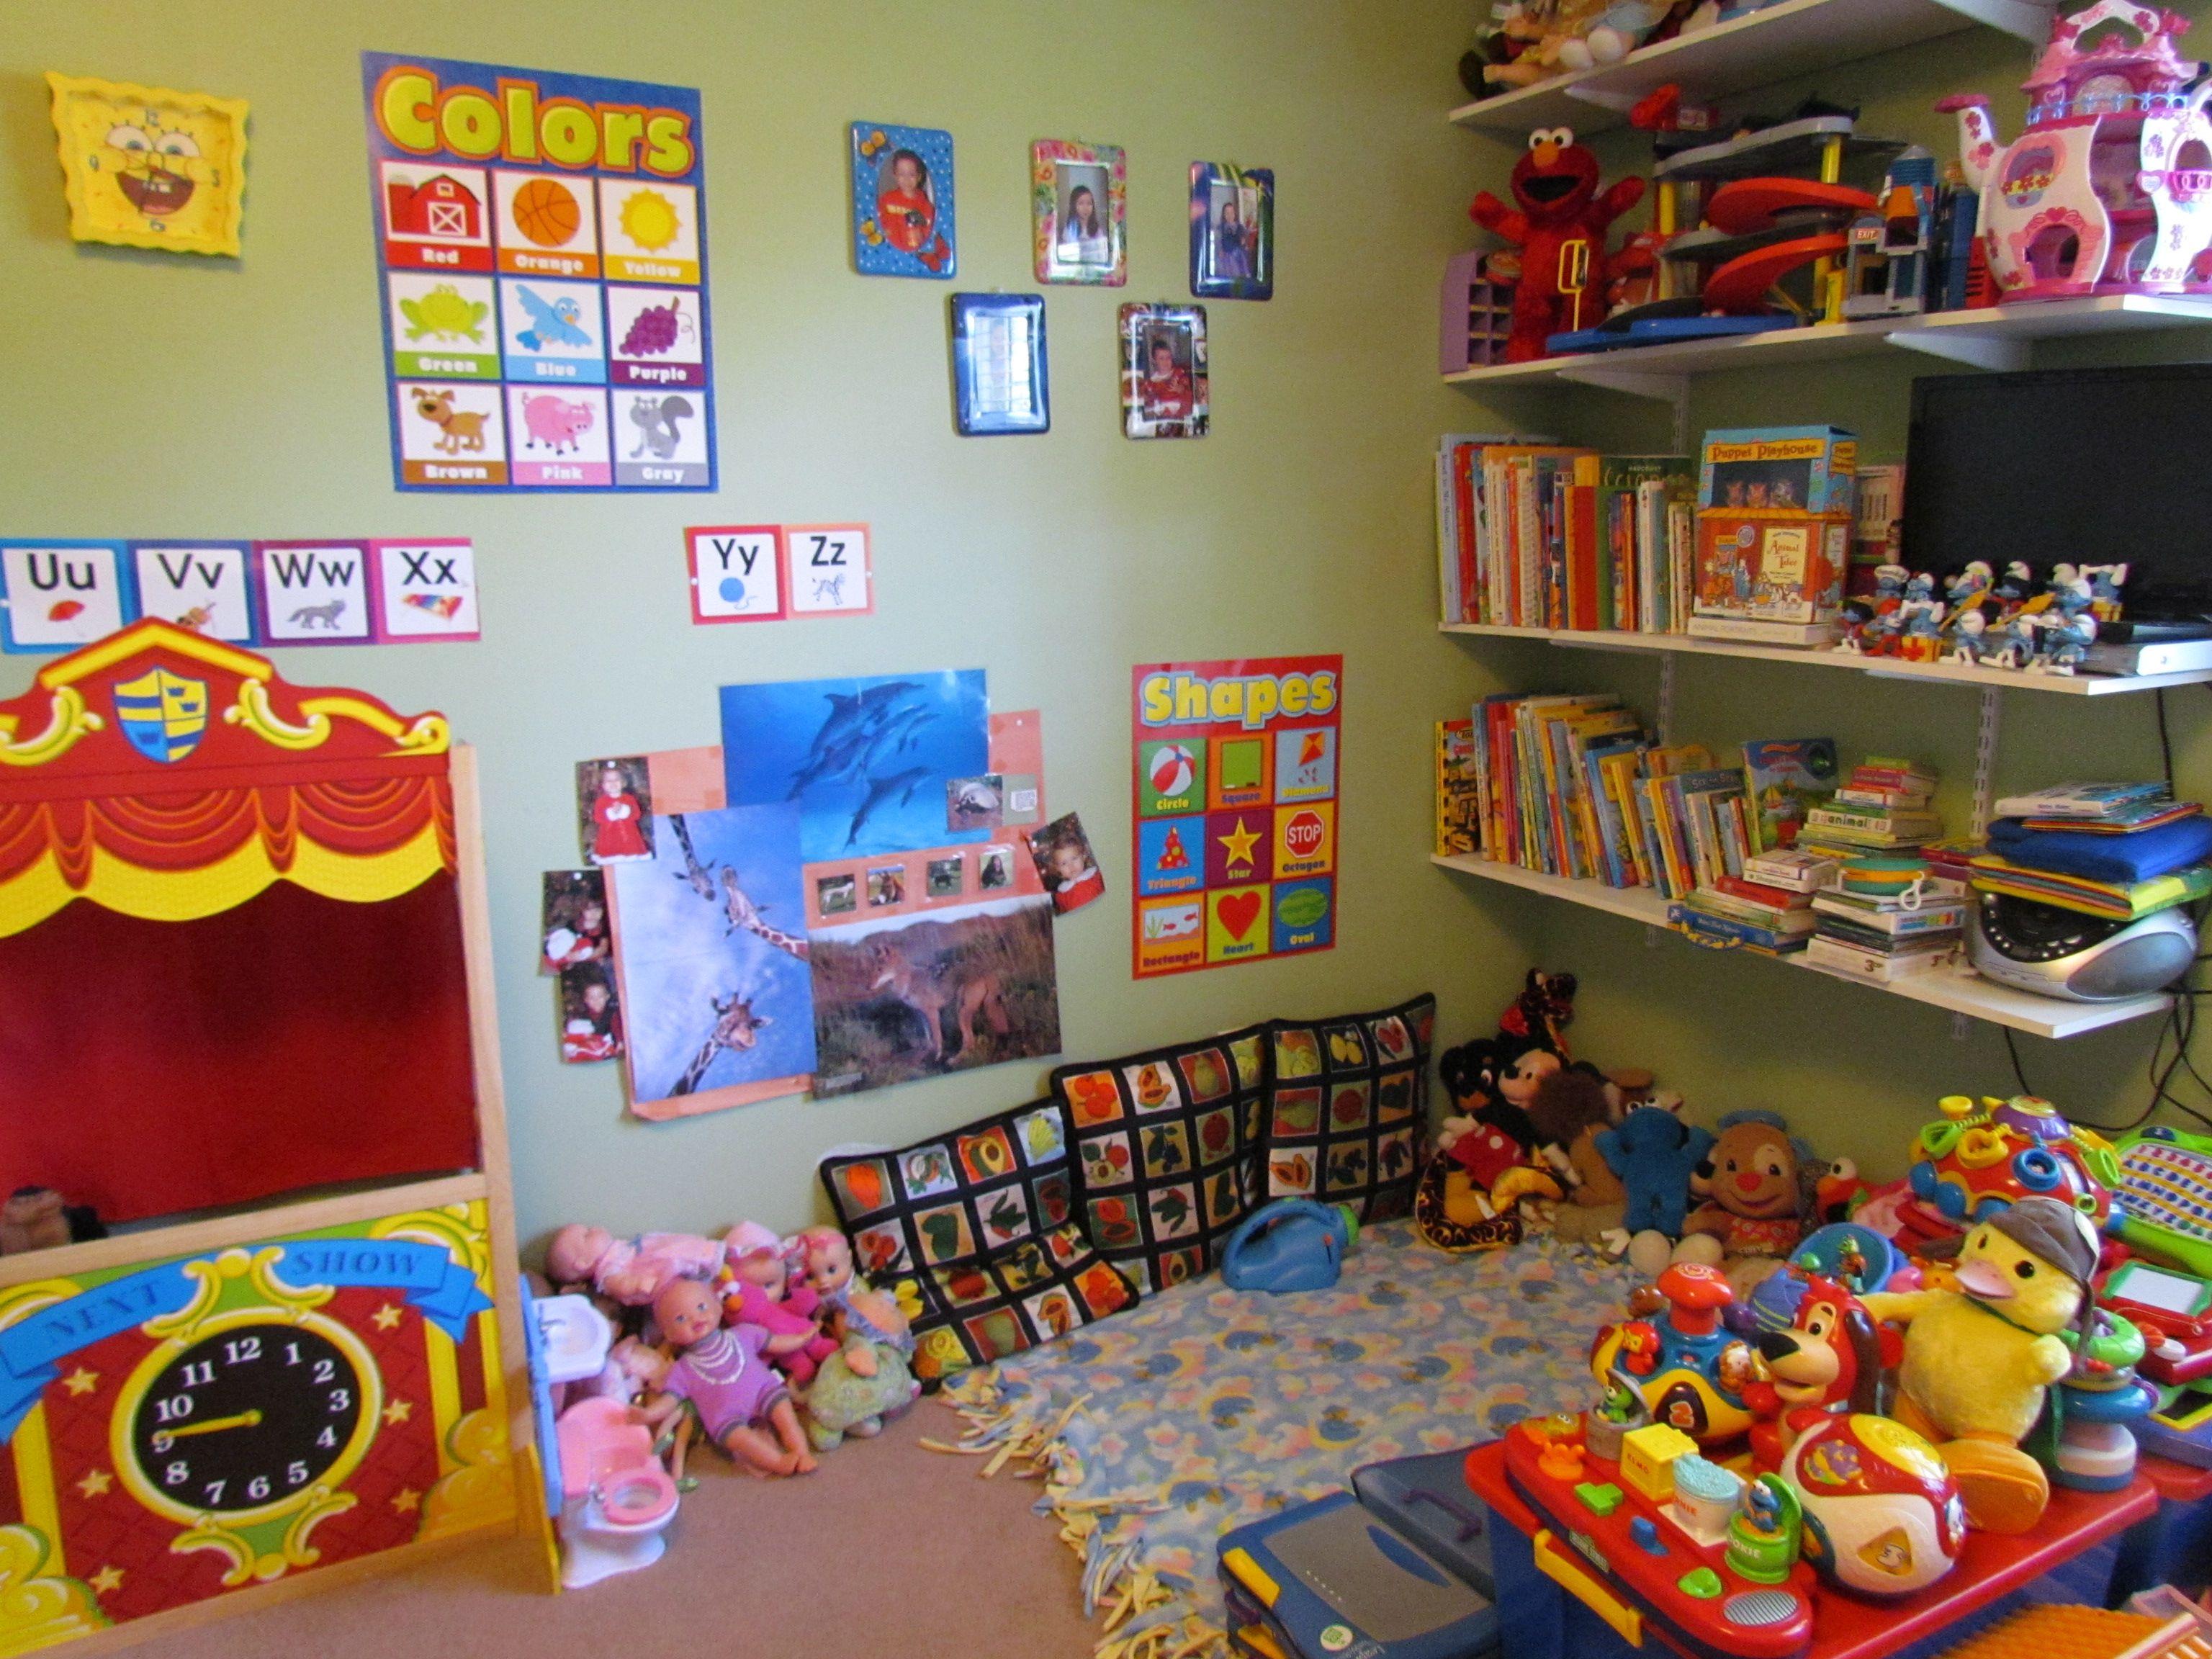 lenka's family licensed child care home**little busy, but like the